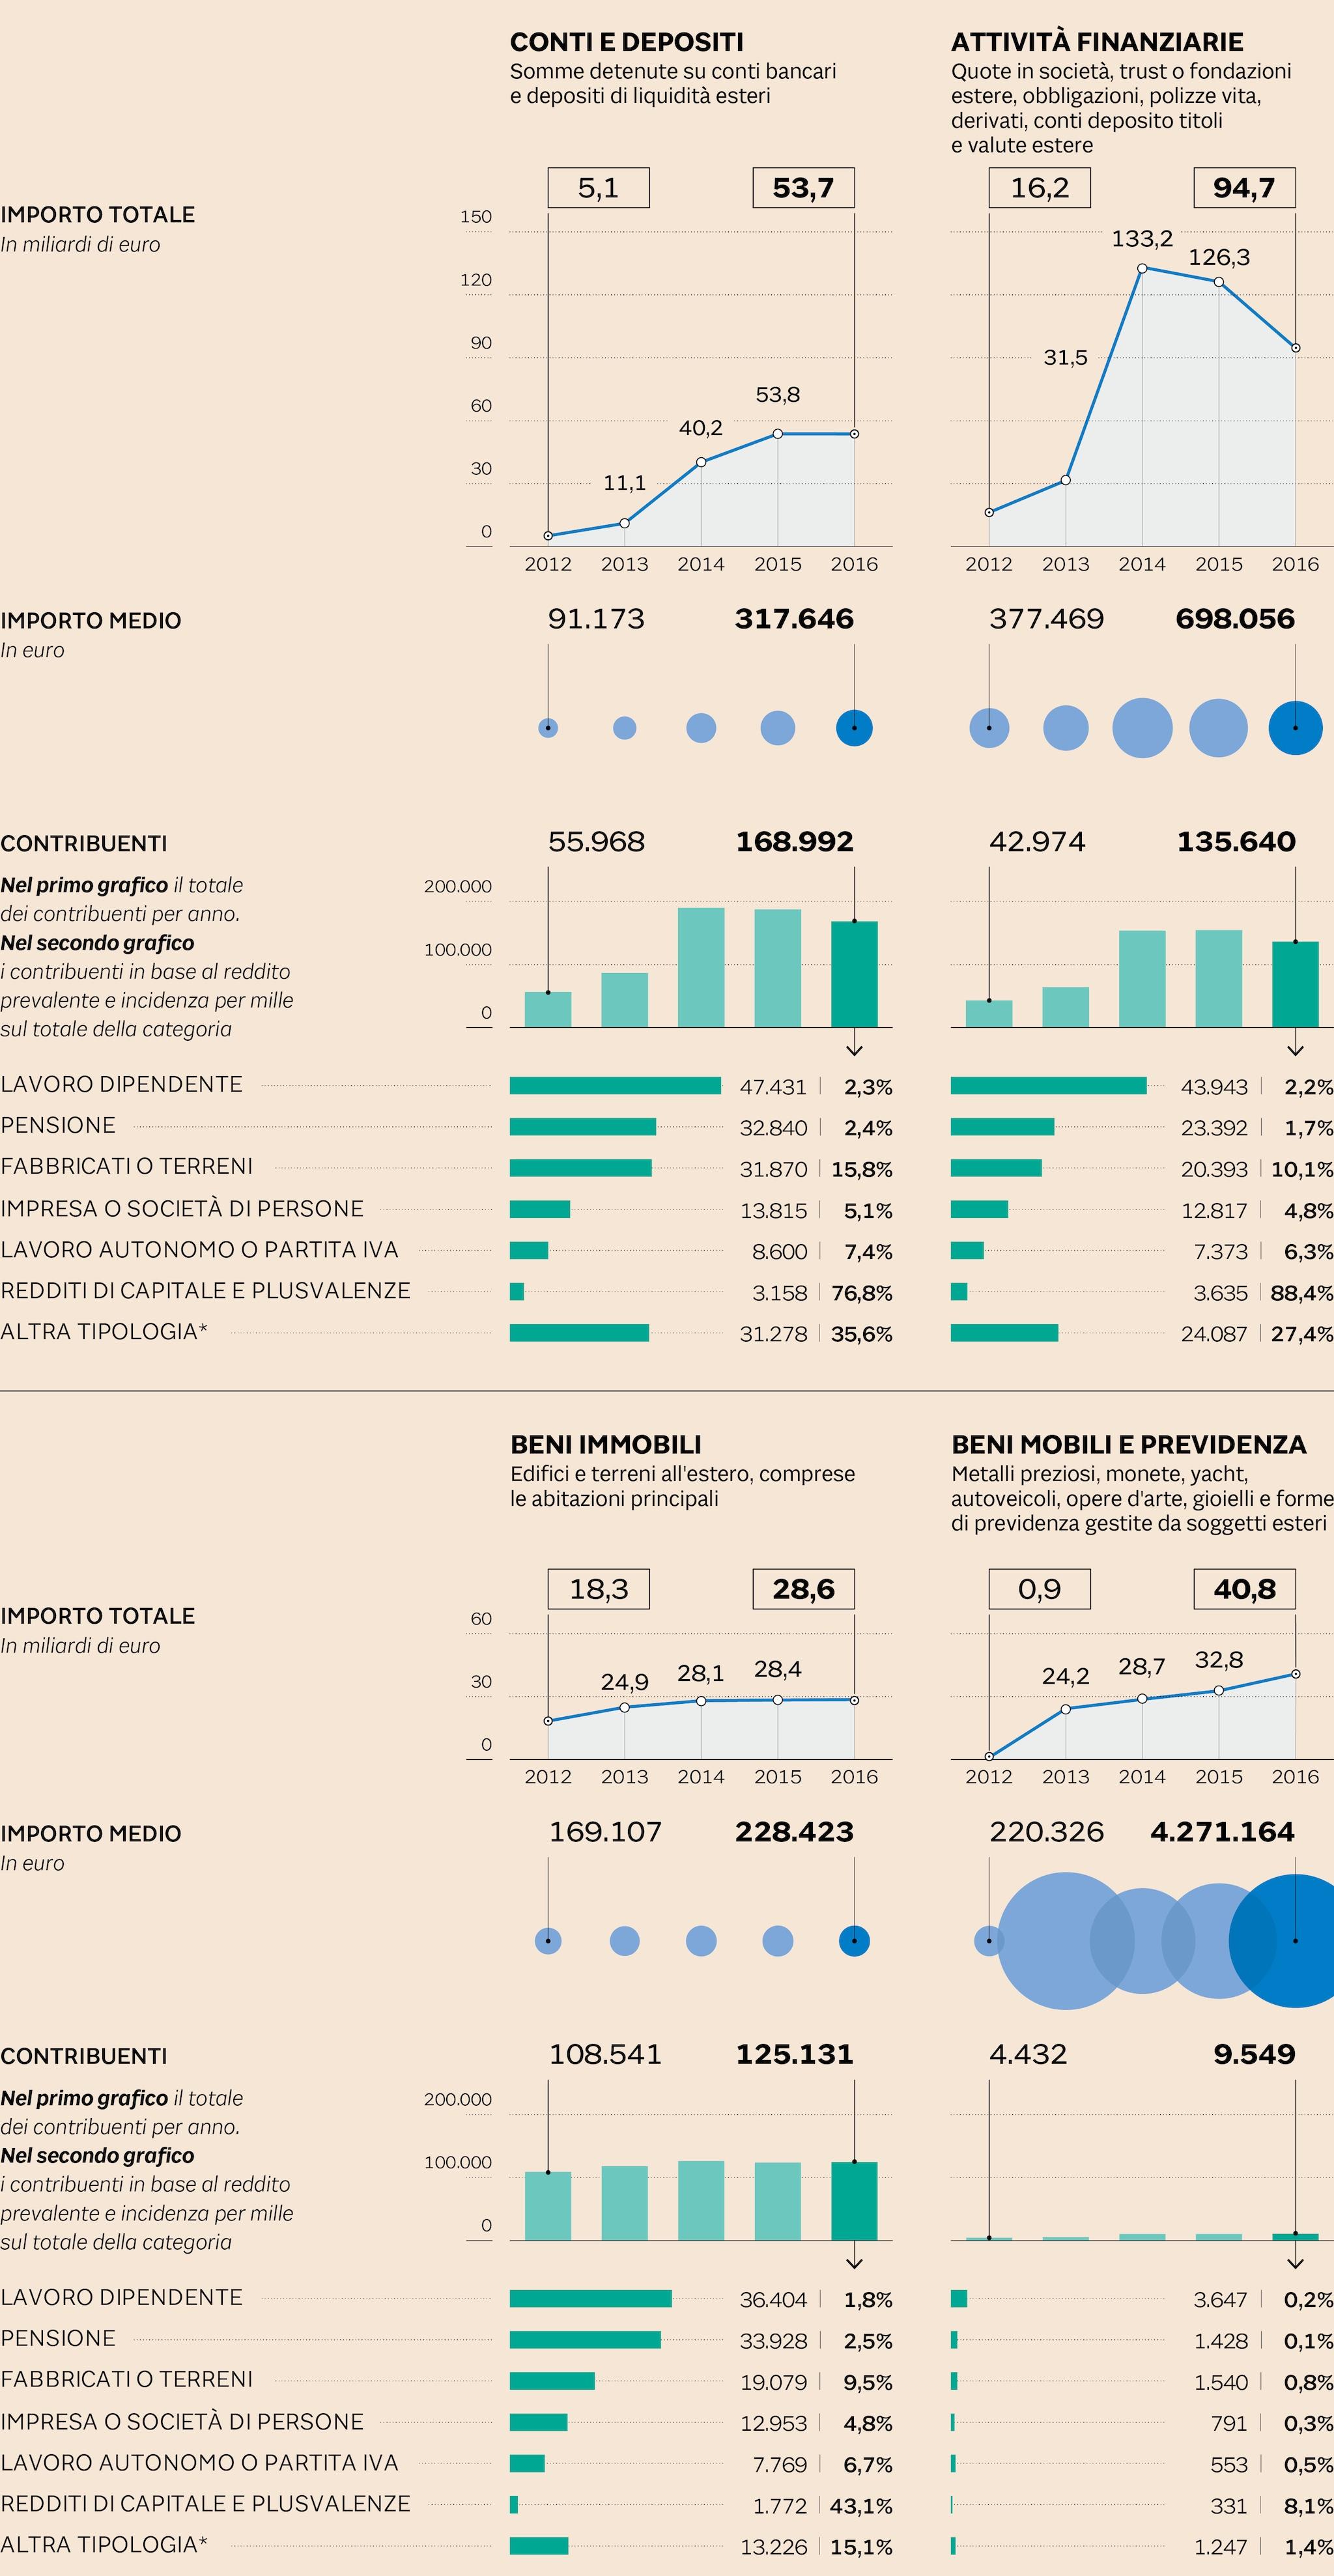 CONTI, CASE E AZIONI: IL TESORO ALL'ESTERO DEGLI ITALIANI VALE 220 MILIARDI